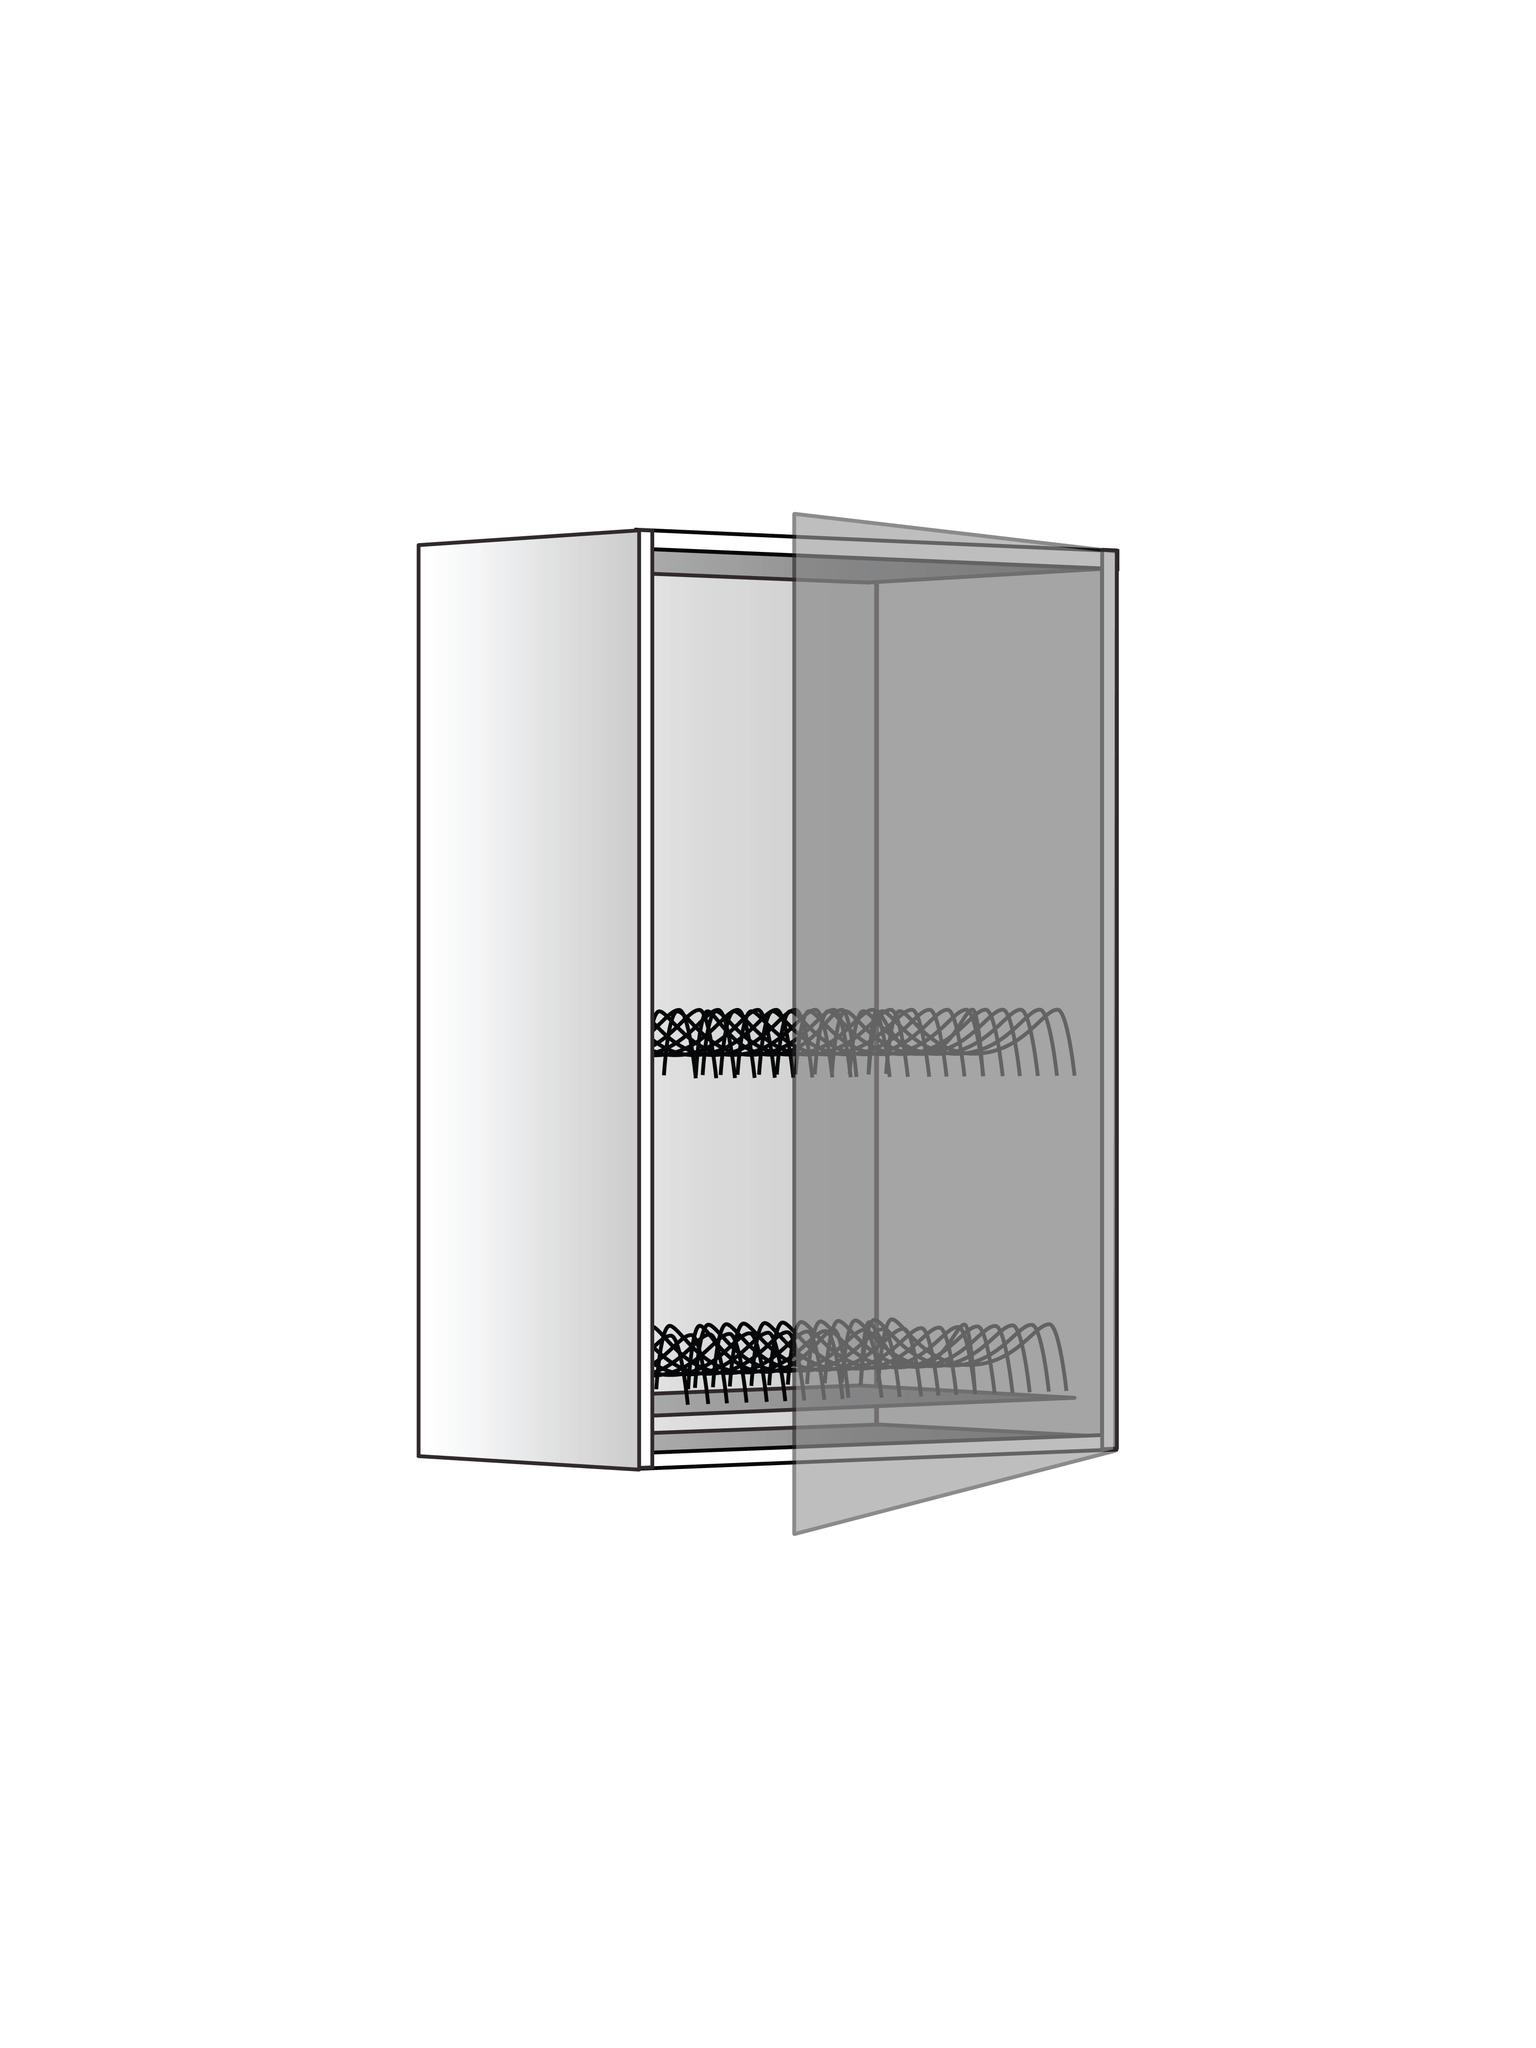 Верхний шкаф с сушилкой, 720Х450 мм